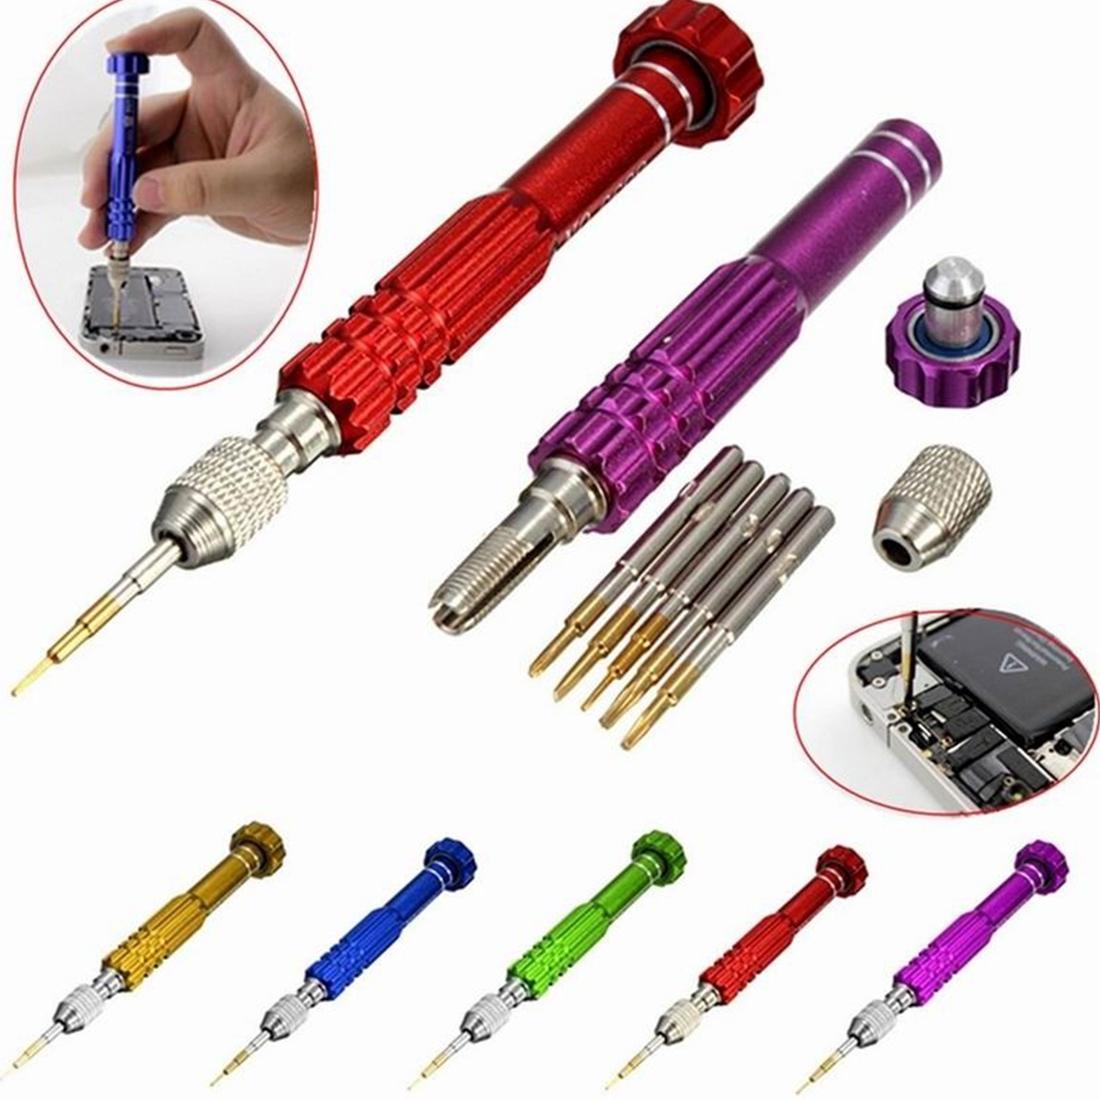 [해외]1 5 다기능 수리 도구에 스크류 드라이버 아이폰 핸드폰 작은 도구 색상 무작위로 설정/5 in 1 Multifunction Repair Tools Screwdriver Set For iphone Cellphone Small Tools  Color Random